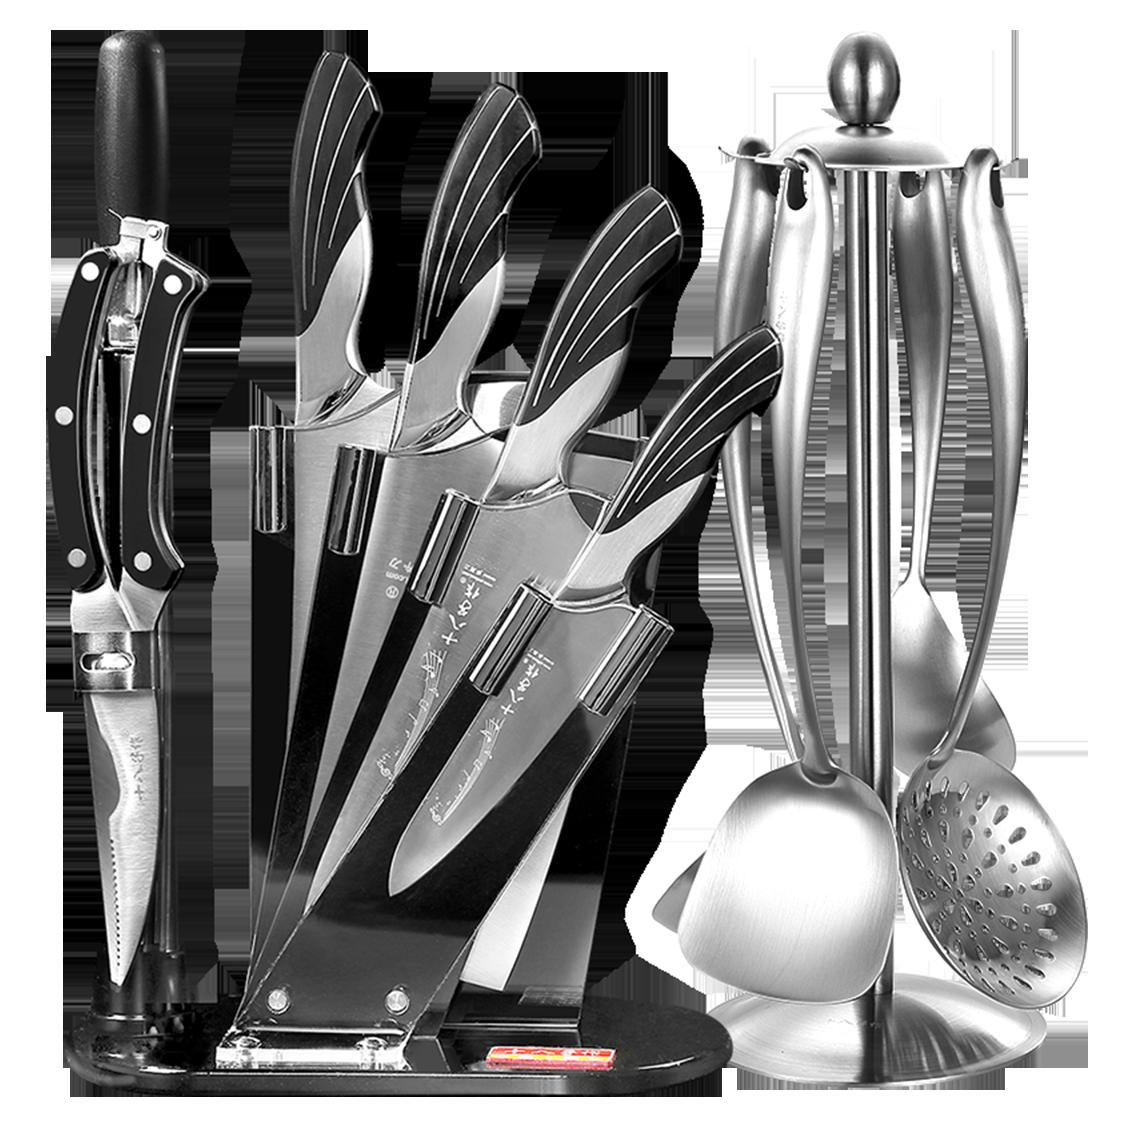 十八子作刀具套装 厨房全套厨具炊具组合家用菜刀切菜片刀套刀